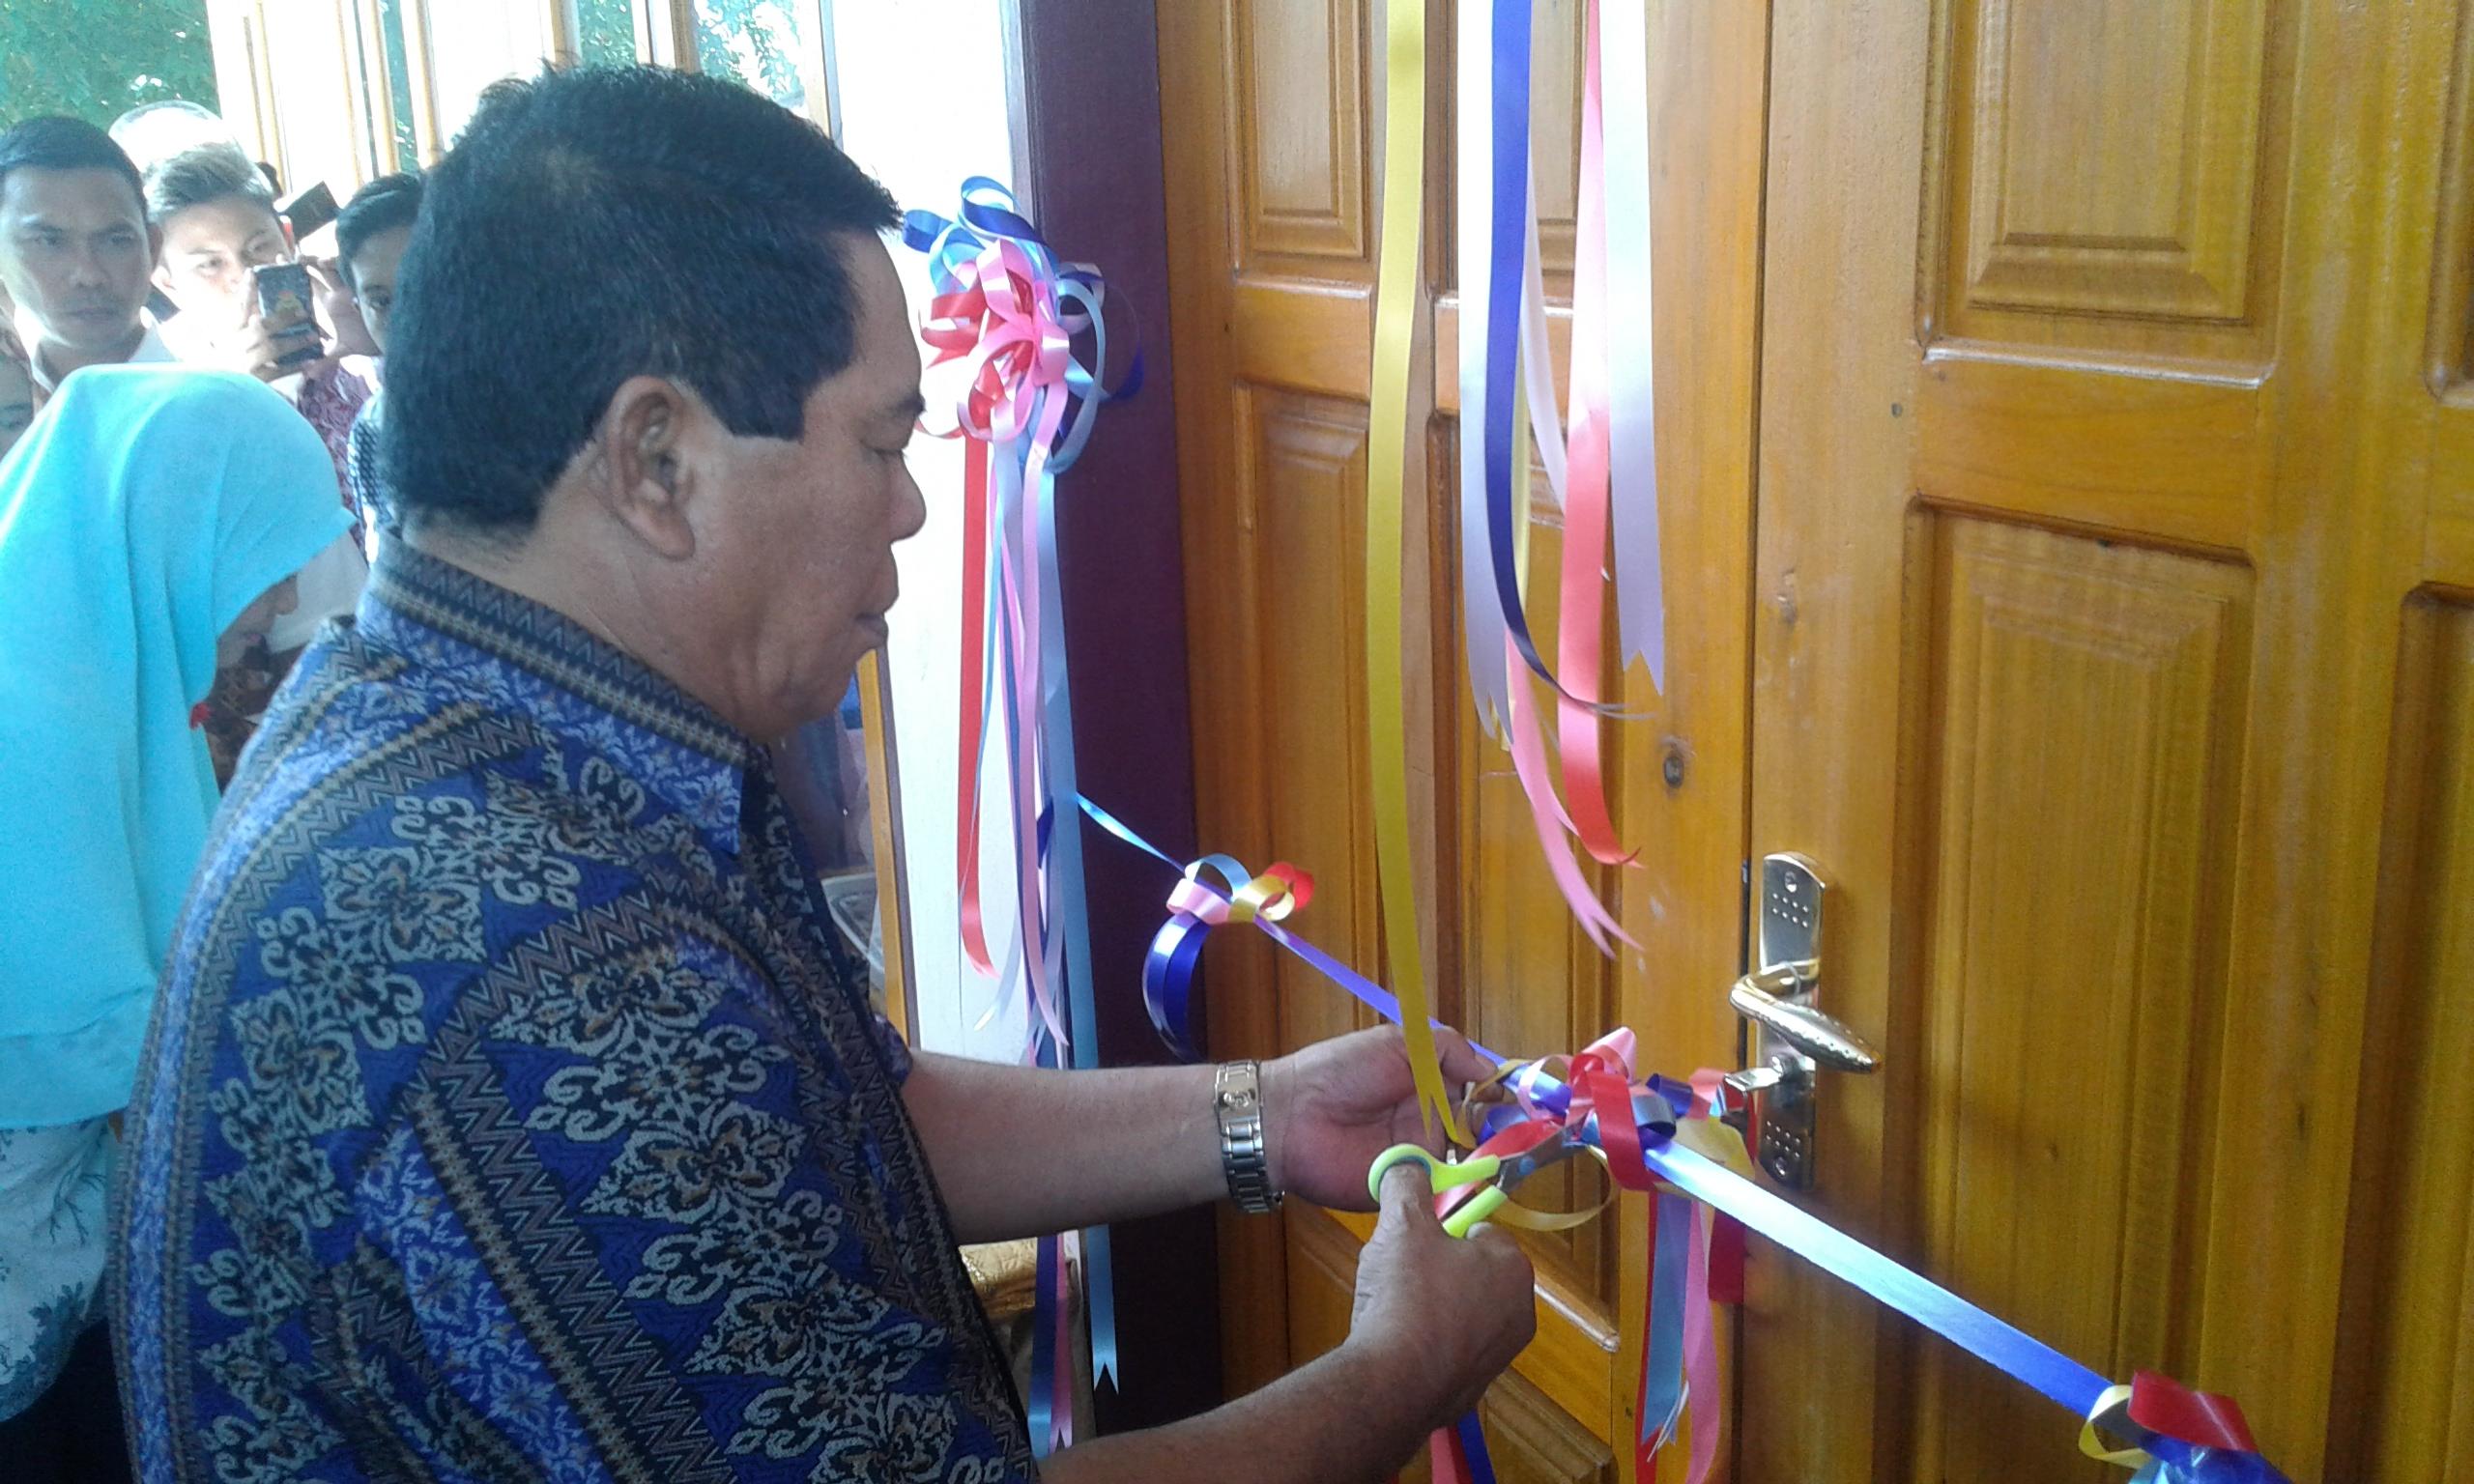 Bupati Bolmong Lakukan Peresmian Kantor Lurah Inobonto, Serta Gelar Dialog Bersama Masyarakat